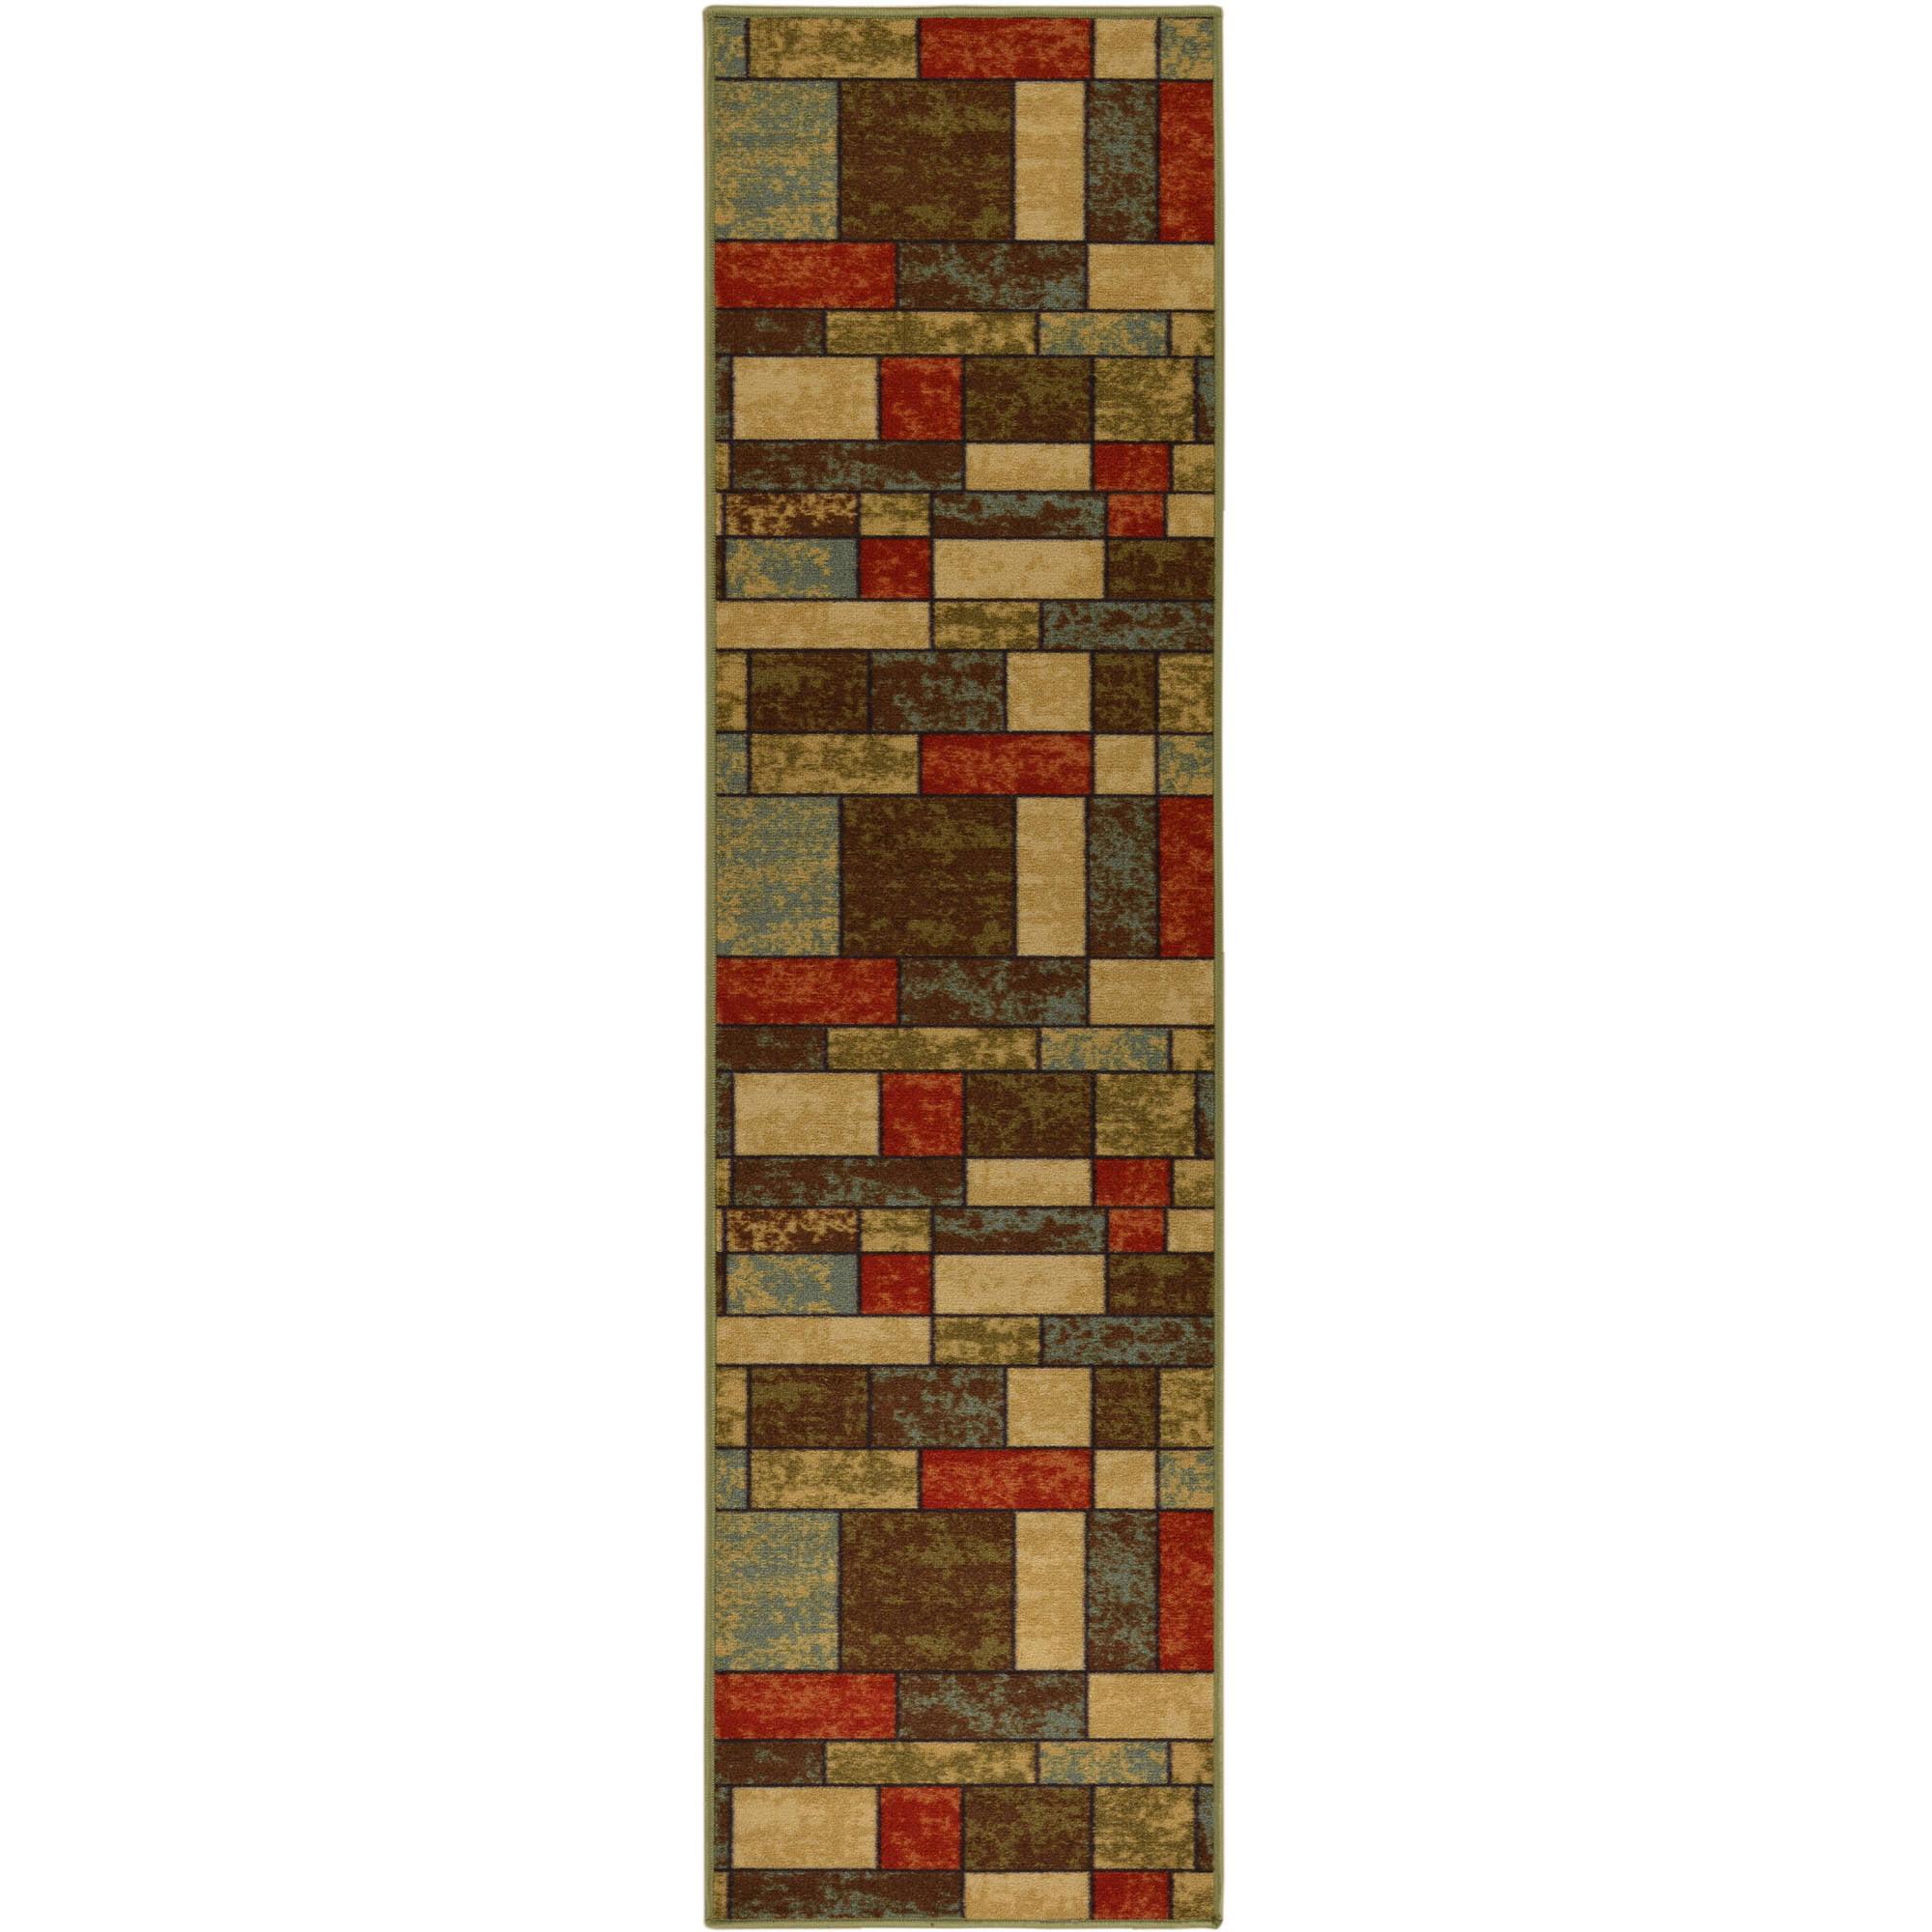 Ottomanson Ottohome Contemporary Boxes Non-Slip Rugs, Multi-Color